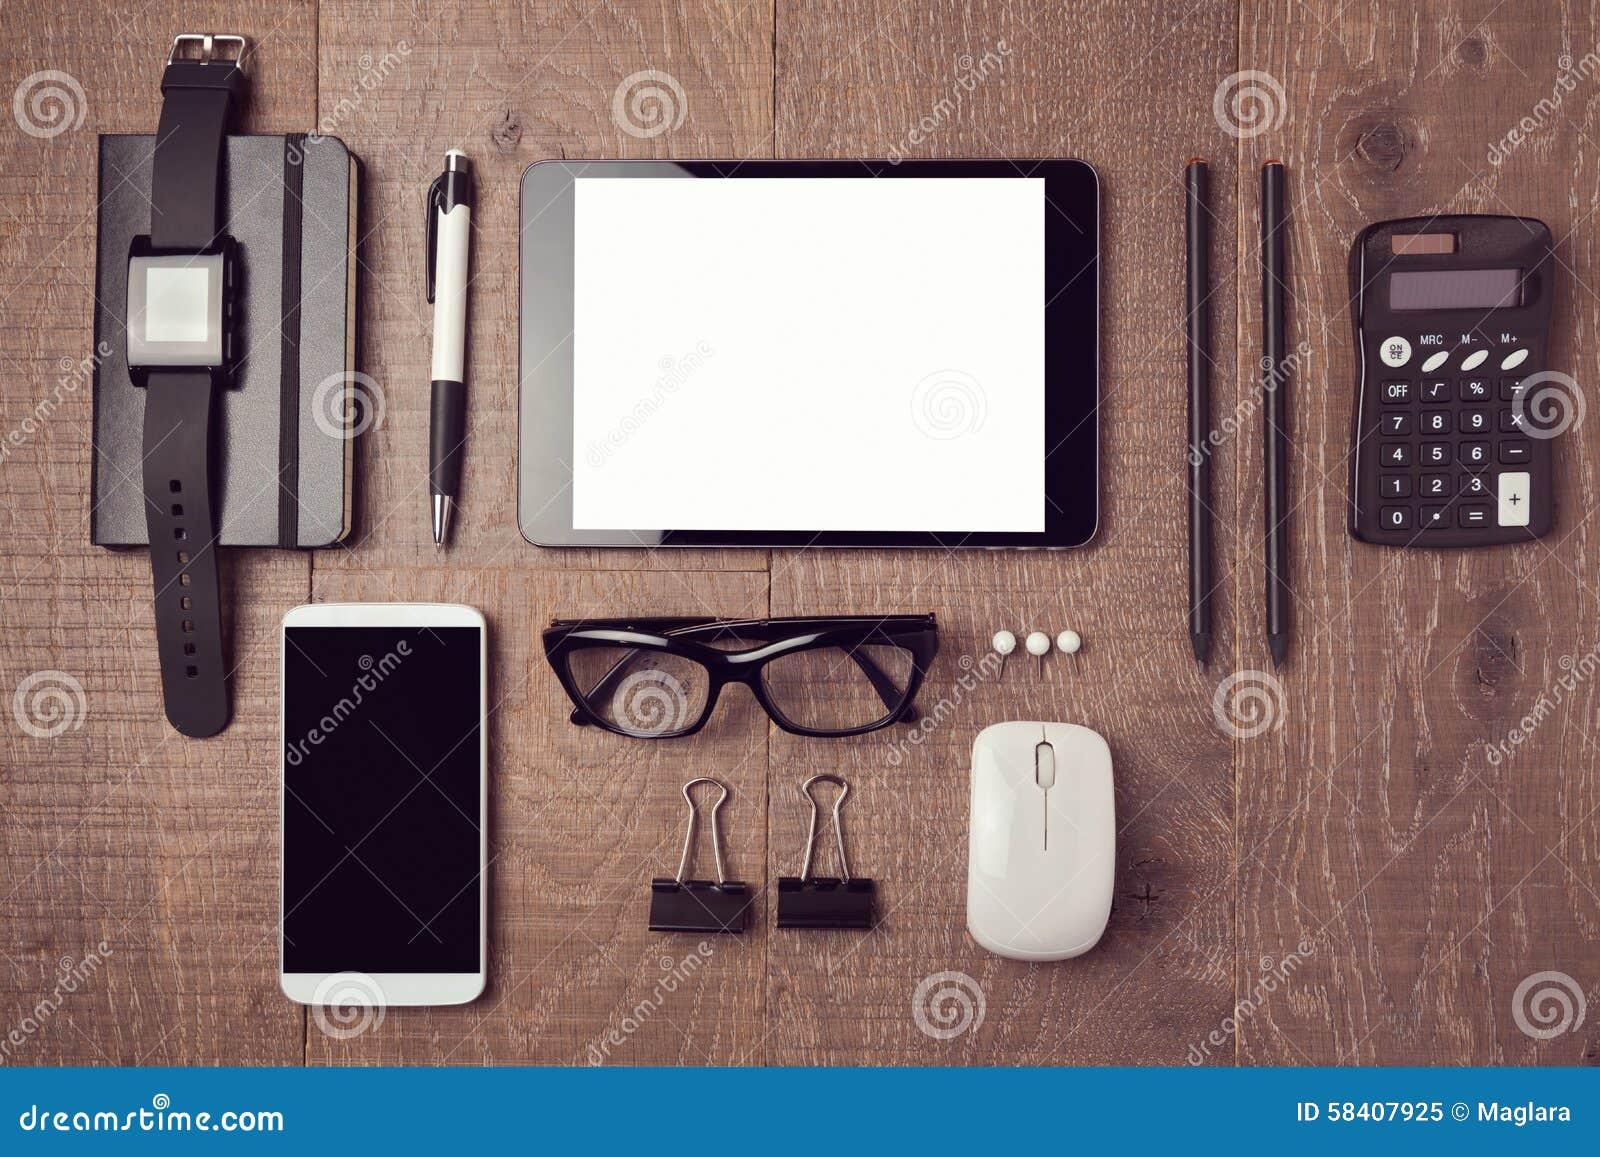 moderner schreibtisch mit ger ten ansicht von oben stockfoto bild 58407925. Black Bedroom Furniture Sets. Home Design Ideas